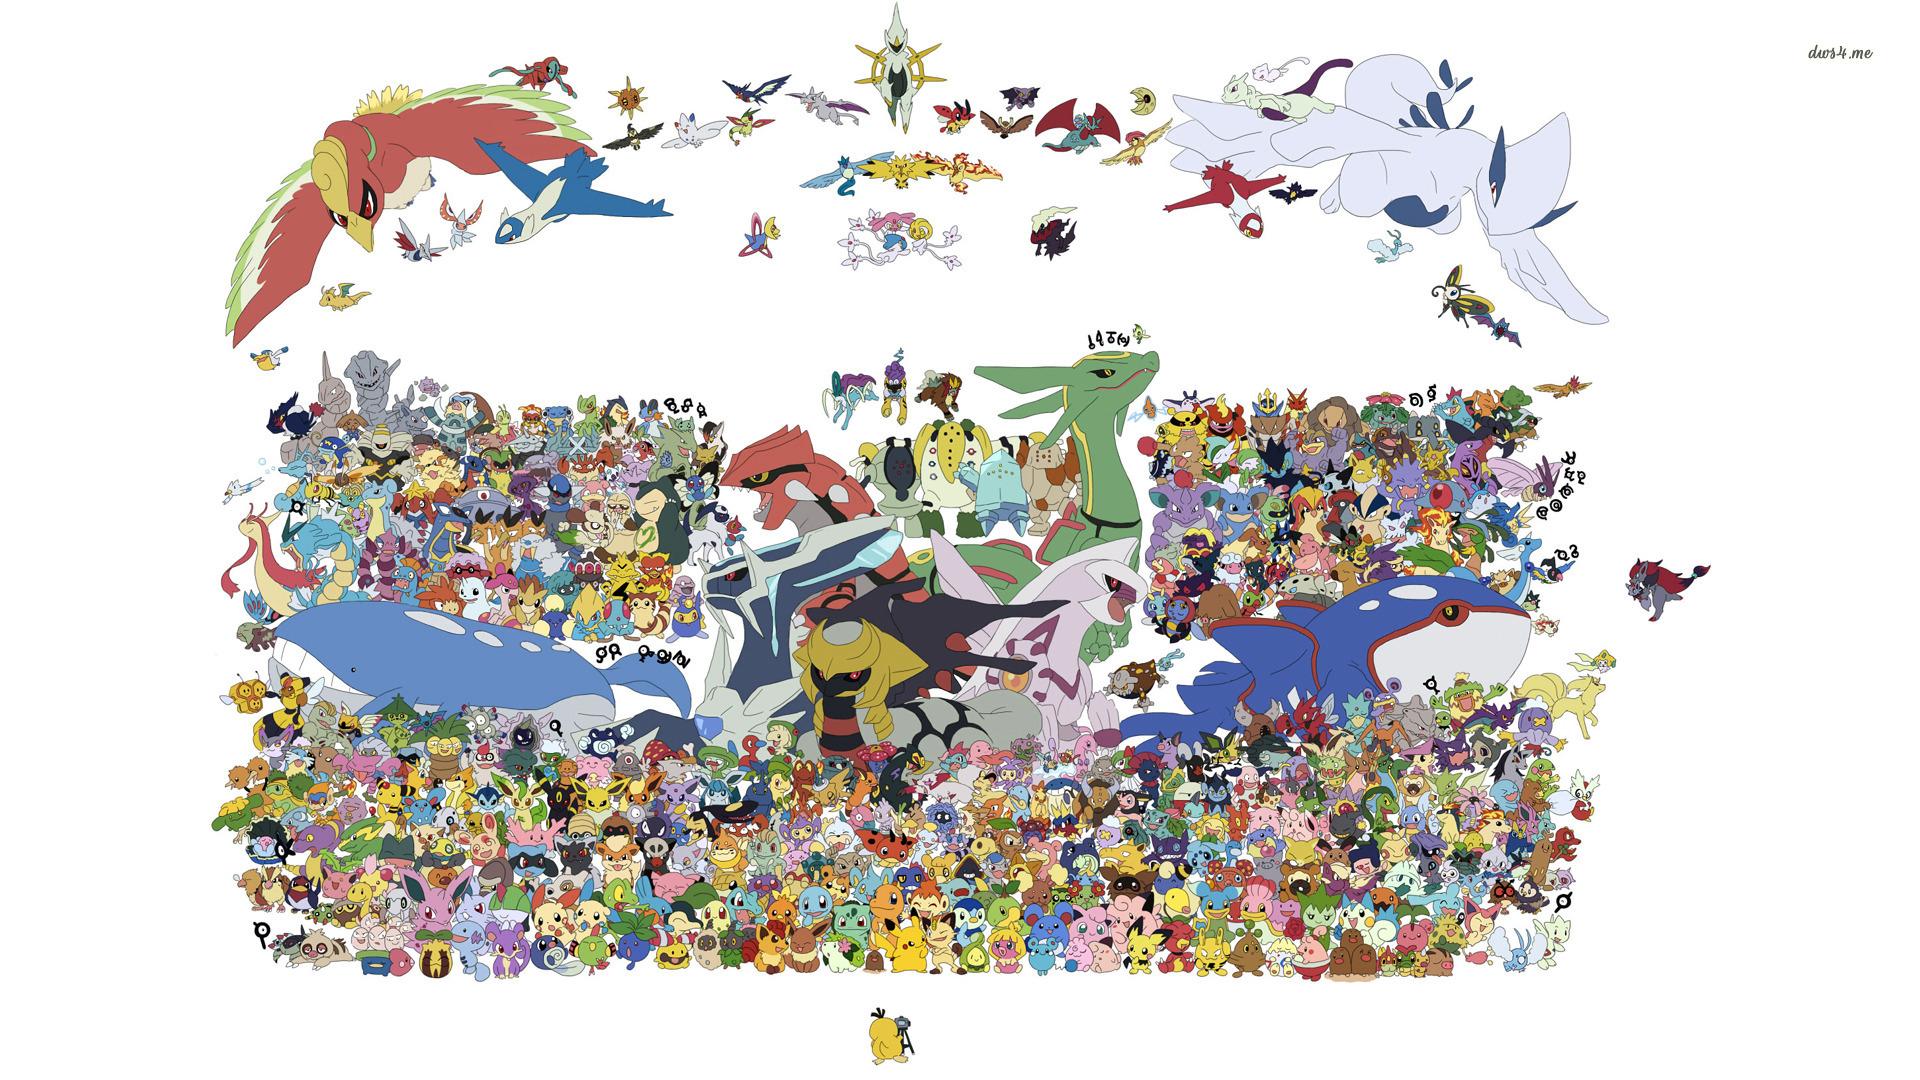 Pokemon group photo wallpaper 1280x800 Pokemon group photo wallpaper 1920x1080